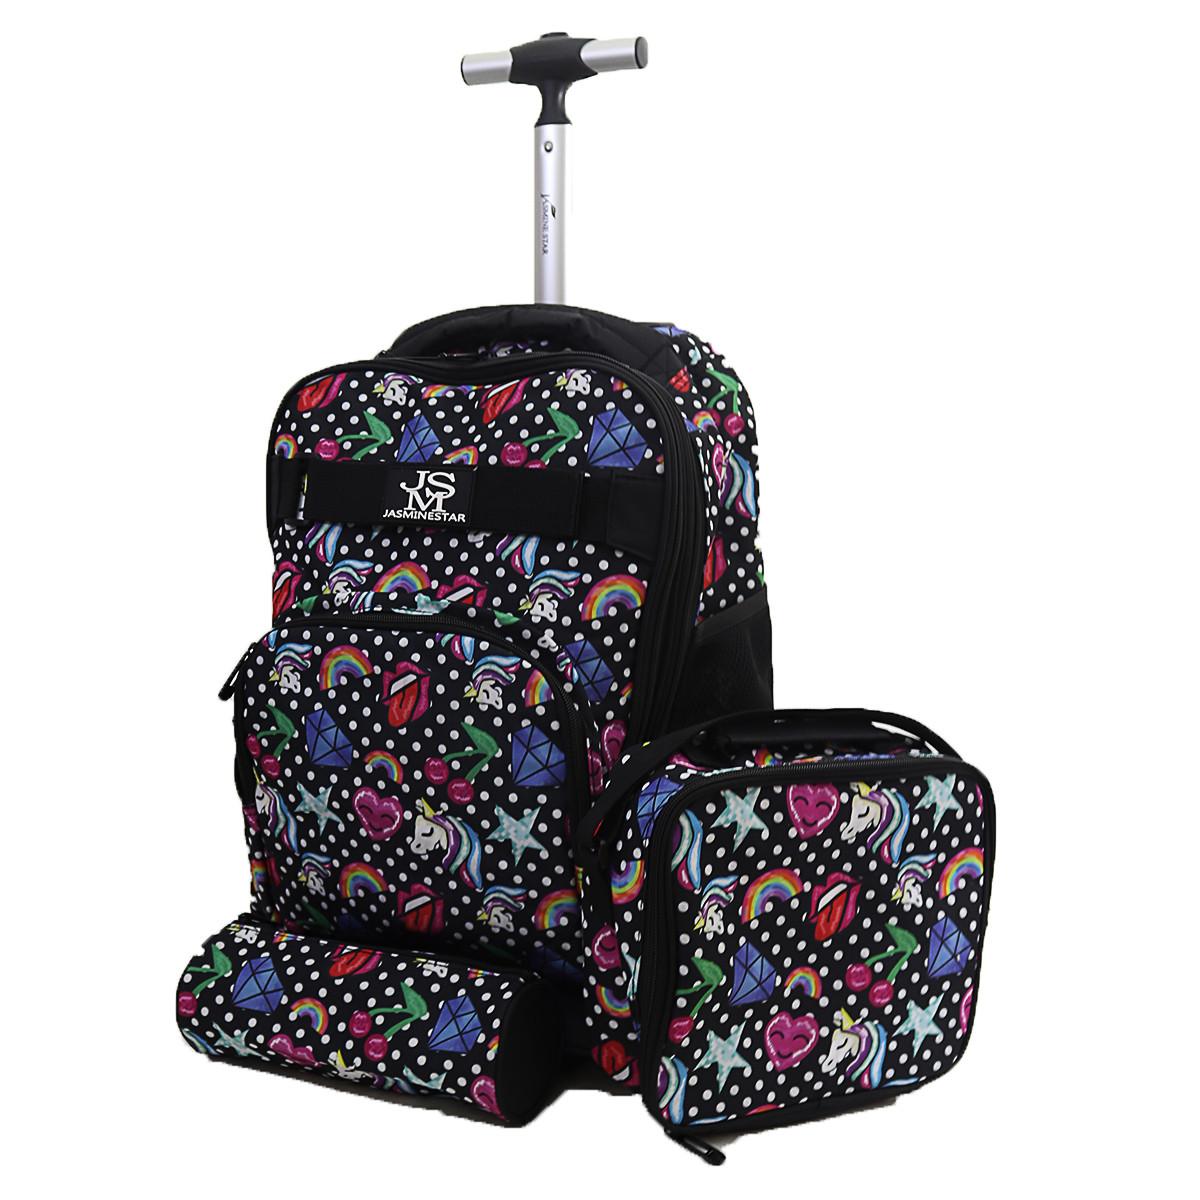 сумки чемоданы купить харьков